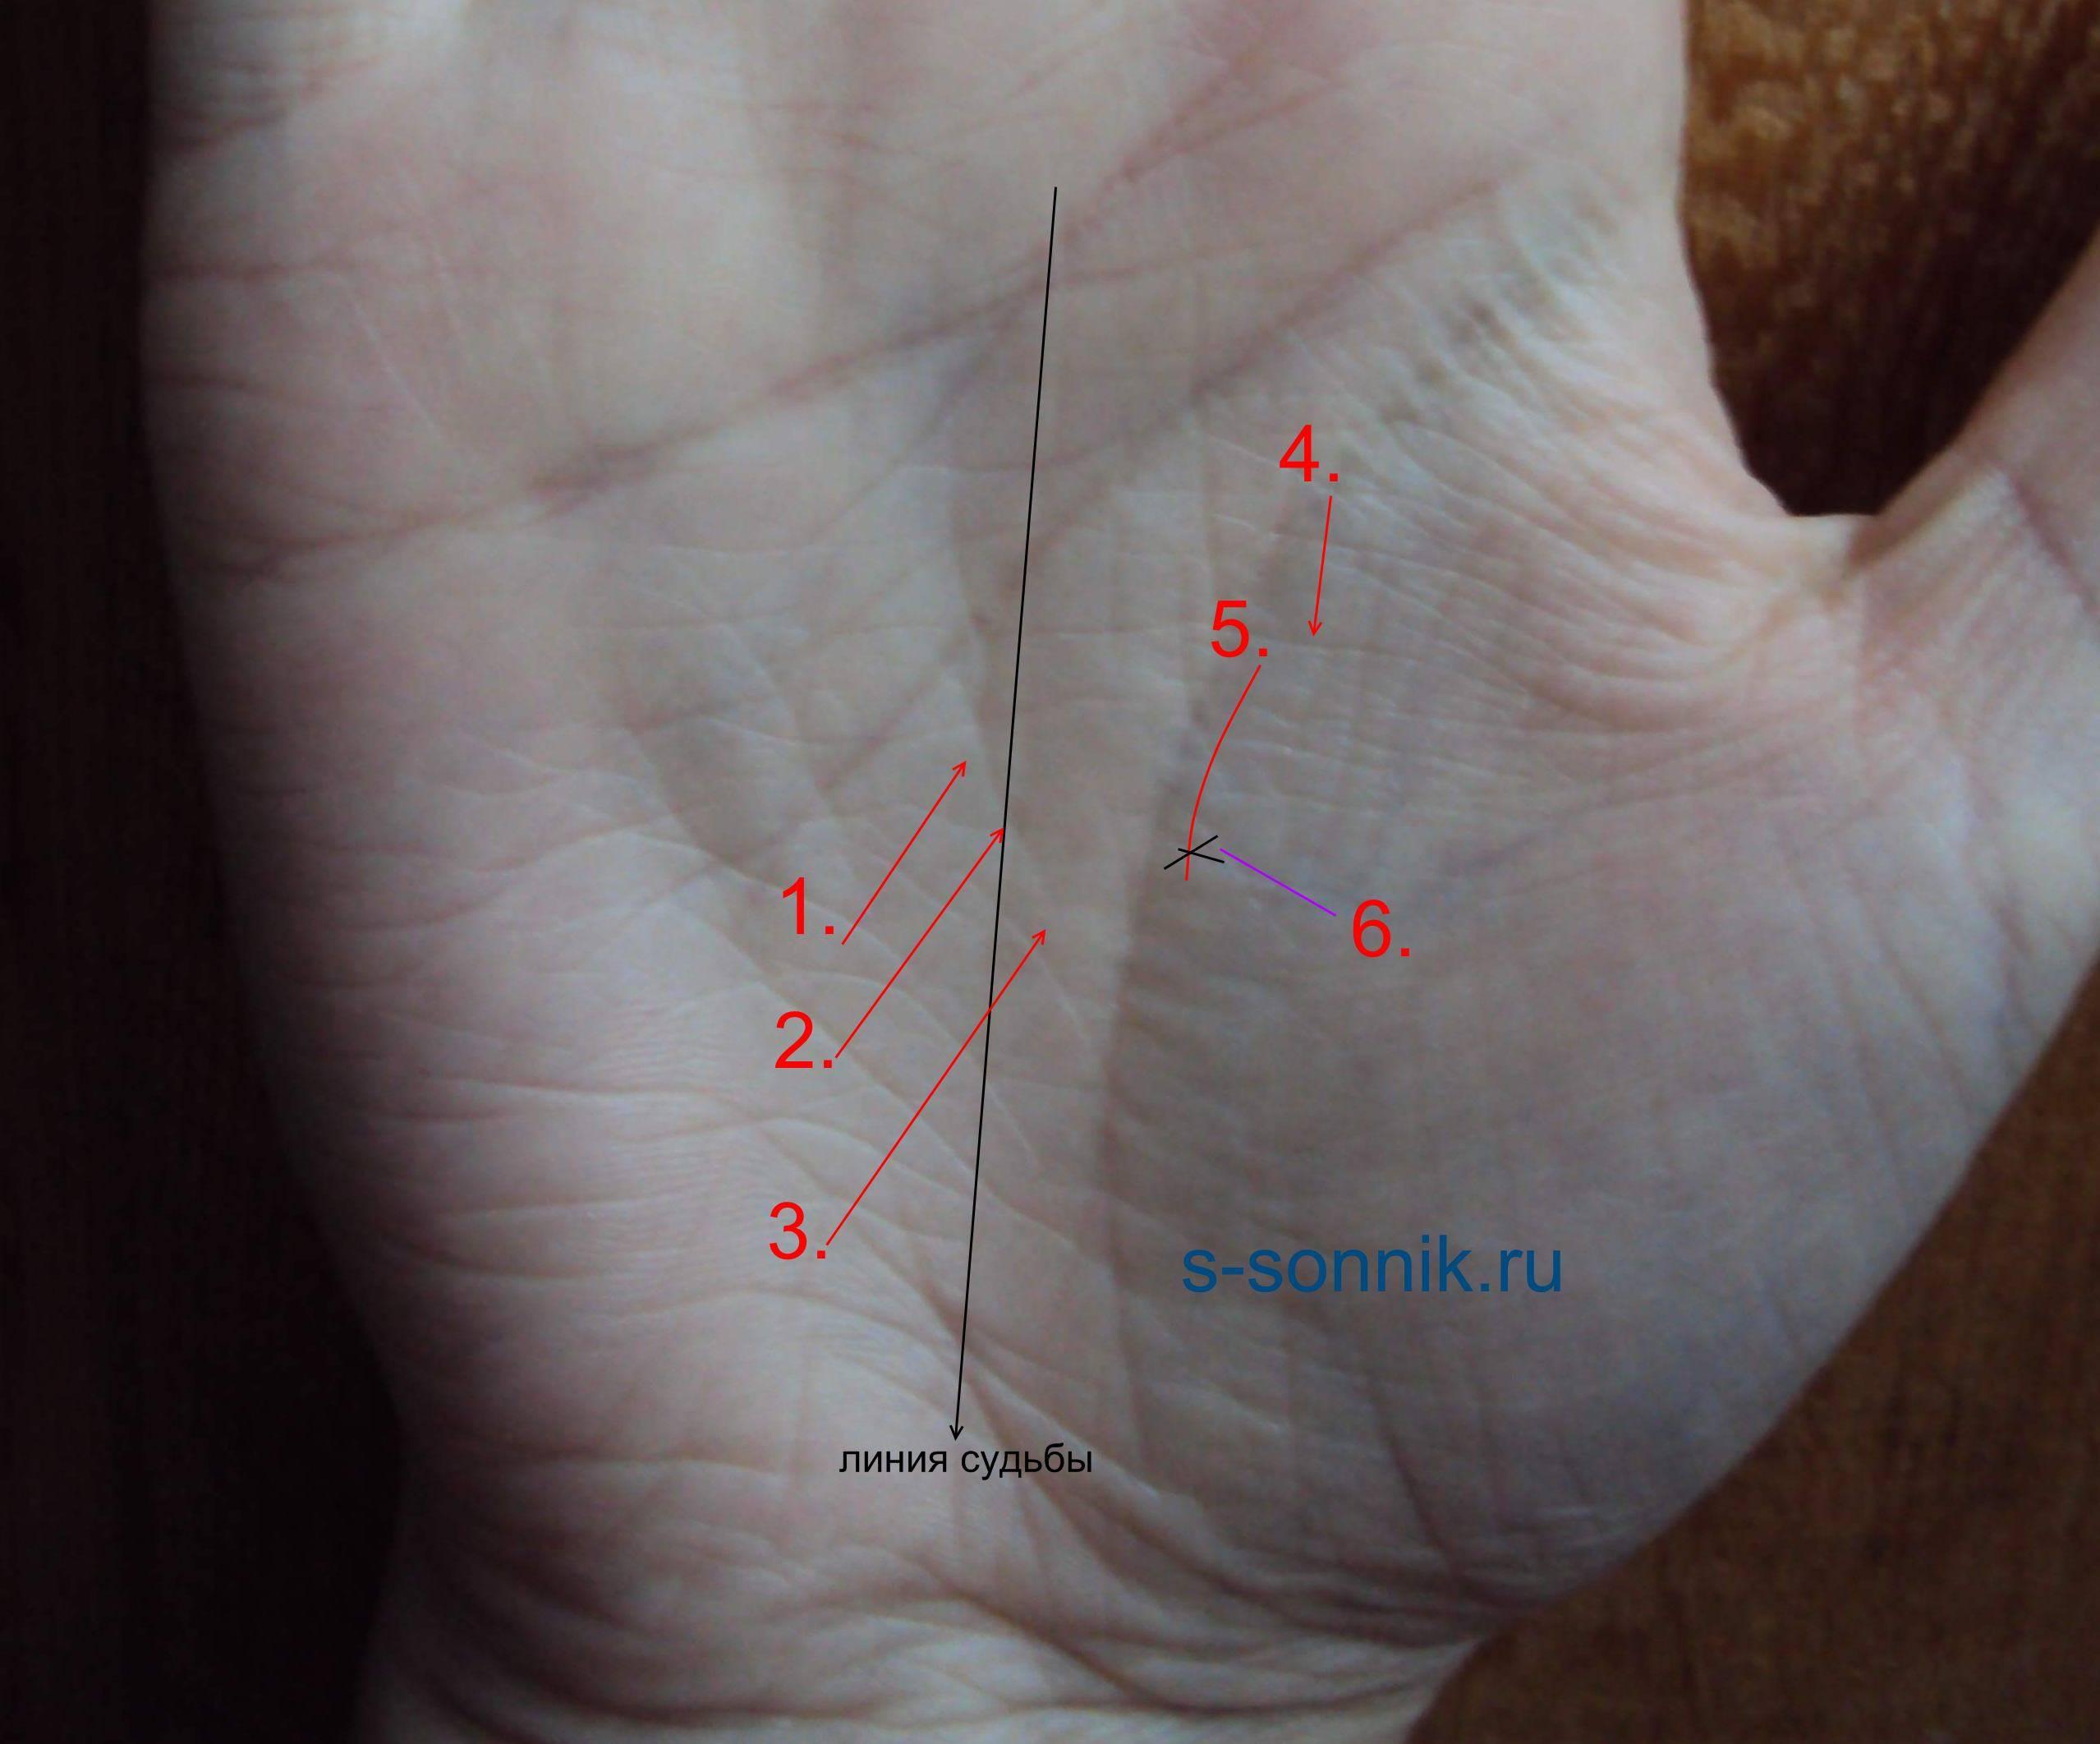 Линия интуиции на руке: хиромантия, значение, расшифровка